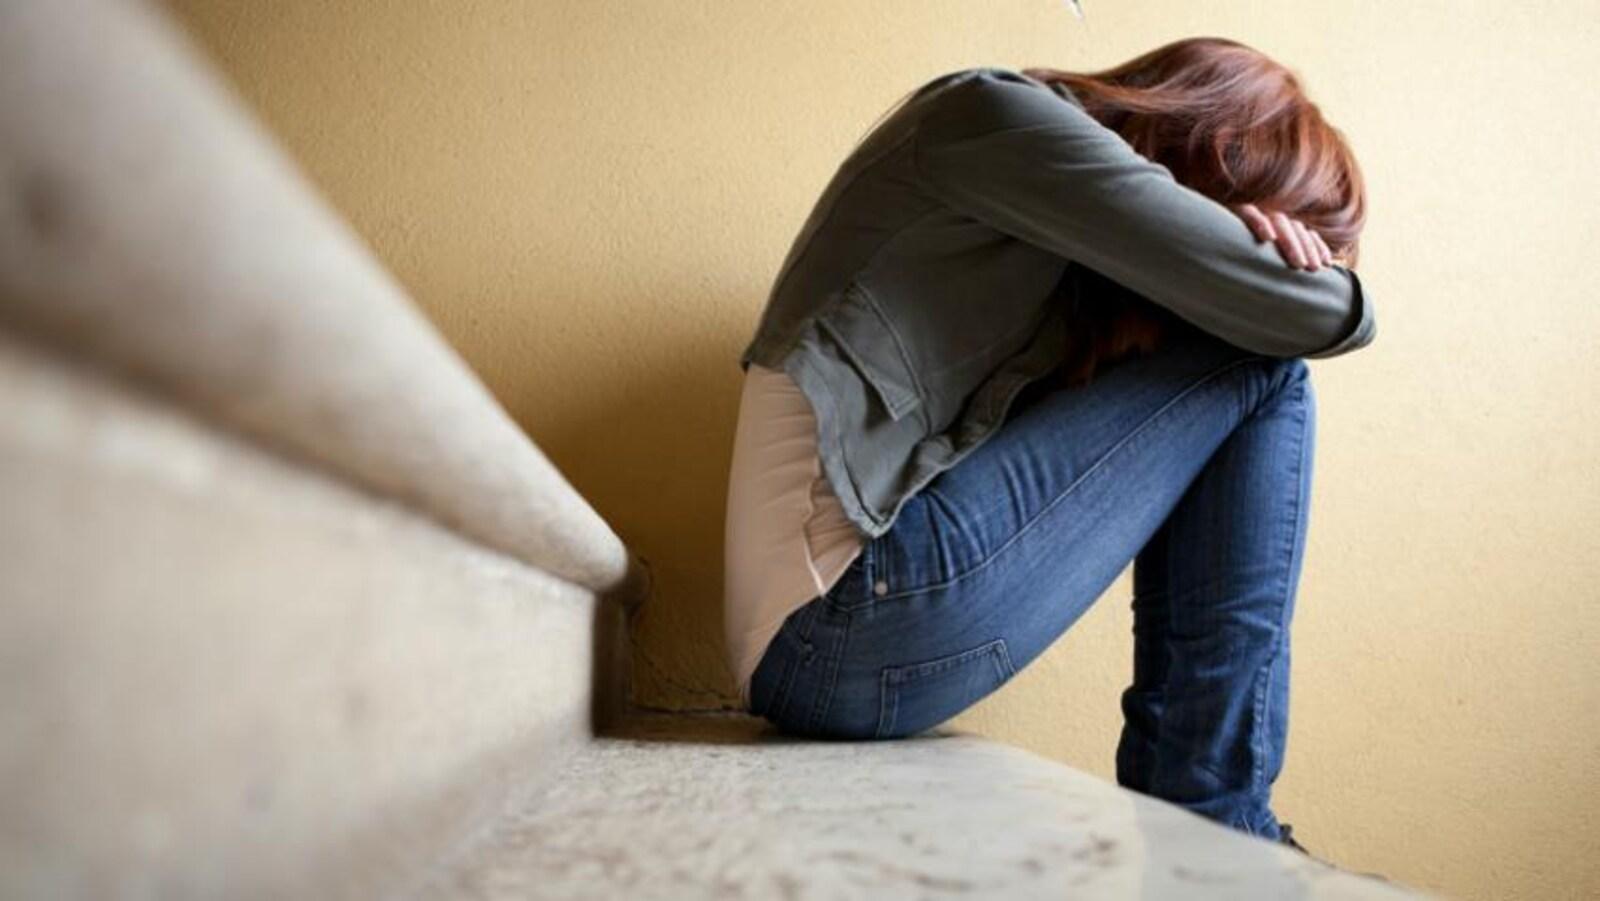 Une fille assise sur la marche d'un escalier, recroquevillée sur elle-même.